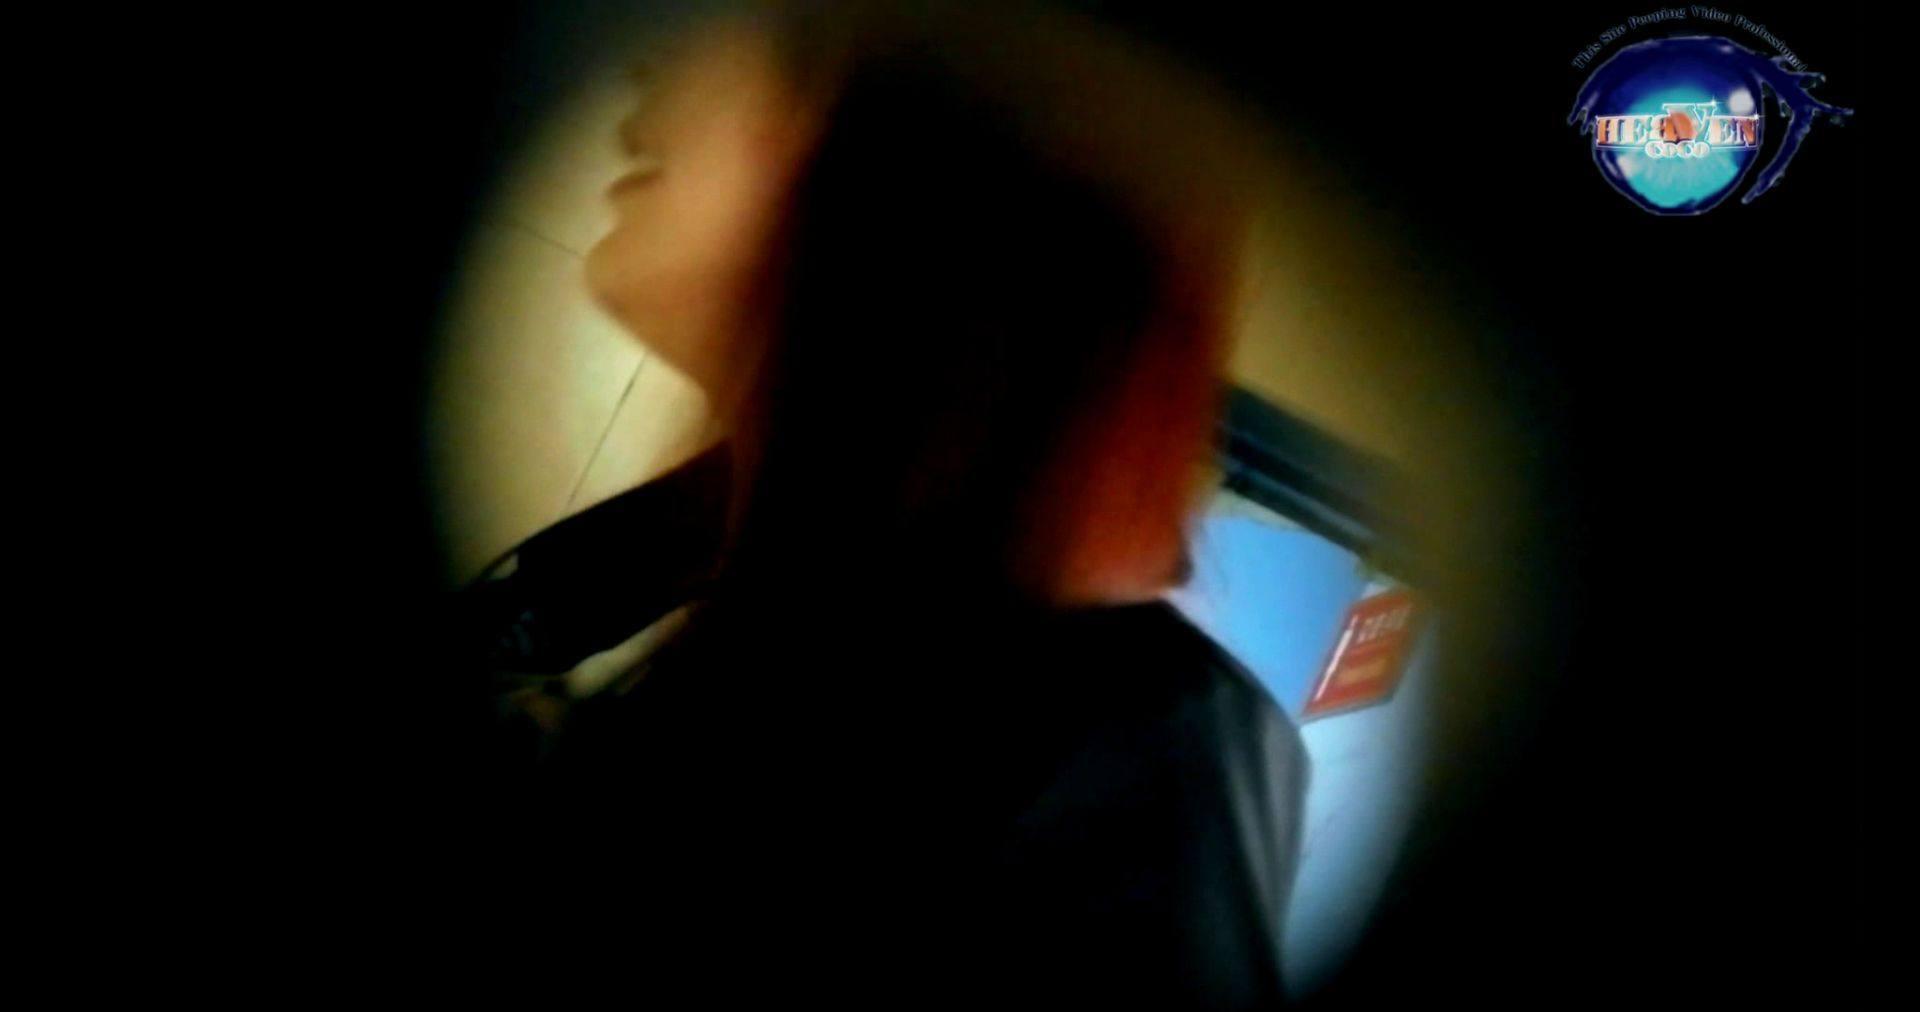 世界の射窓から~ステーション編~vol.36 無料動画に登場したトップクラスモデル本番へ マンコエロすぎ エロ無料画像 109PIX 53